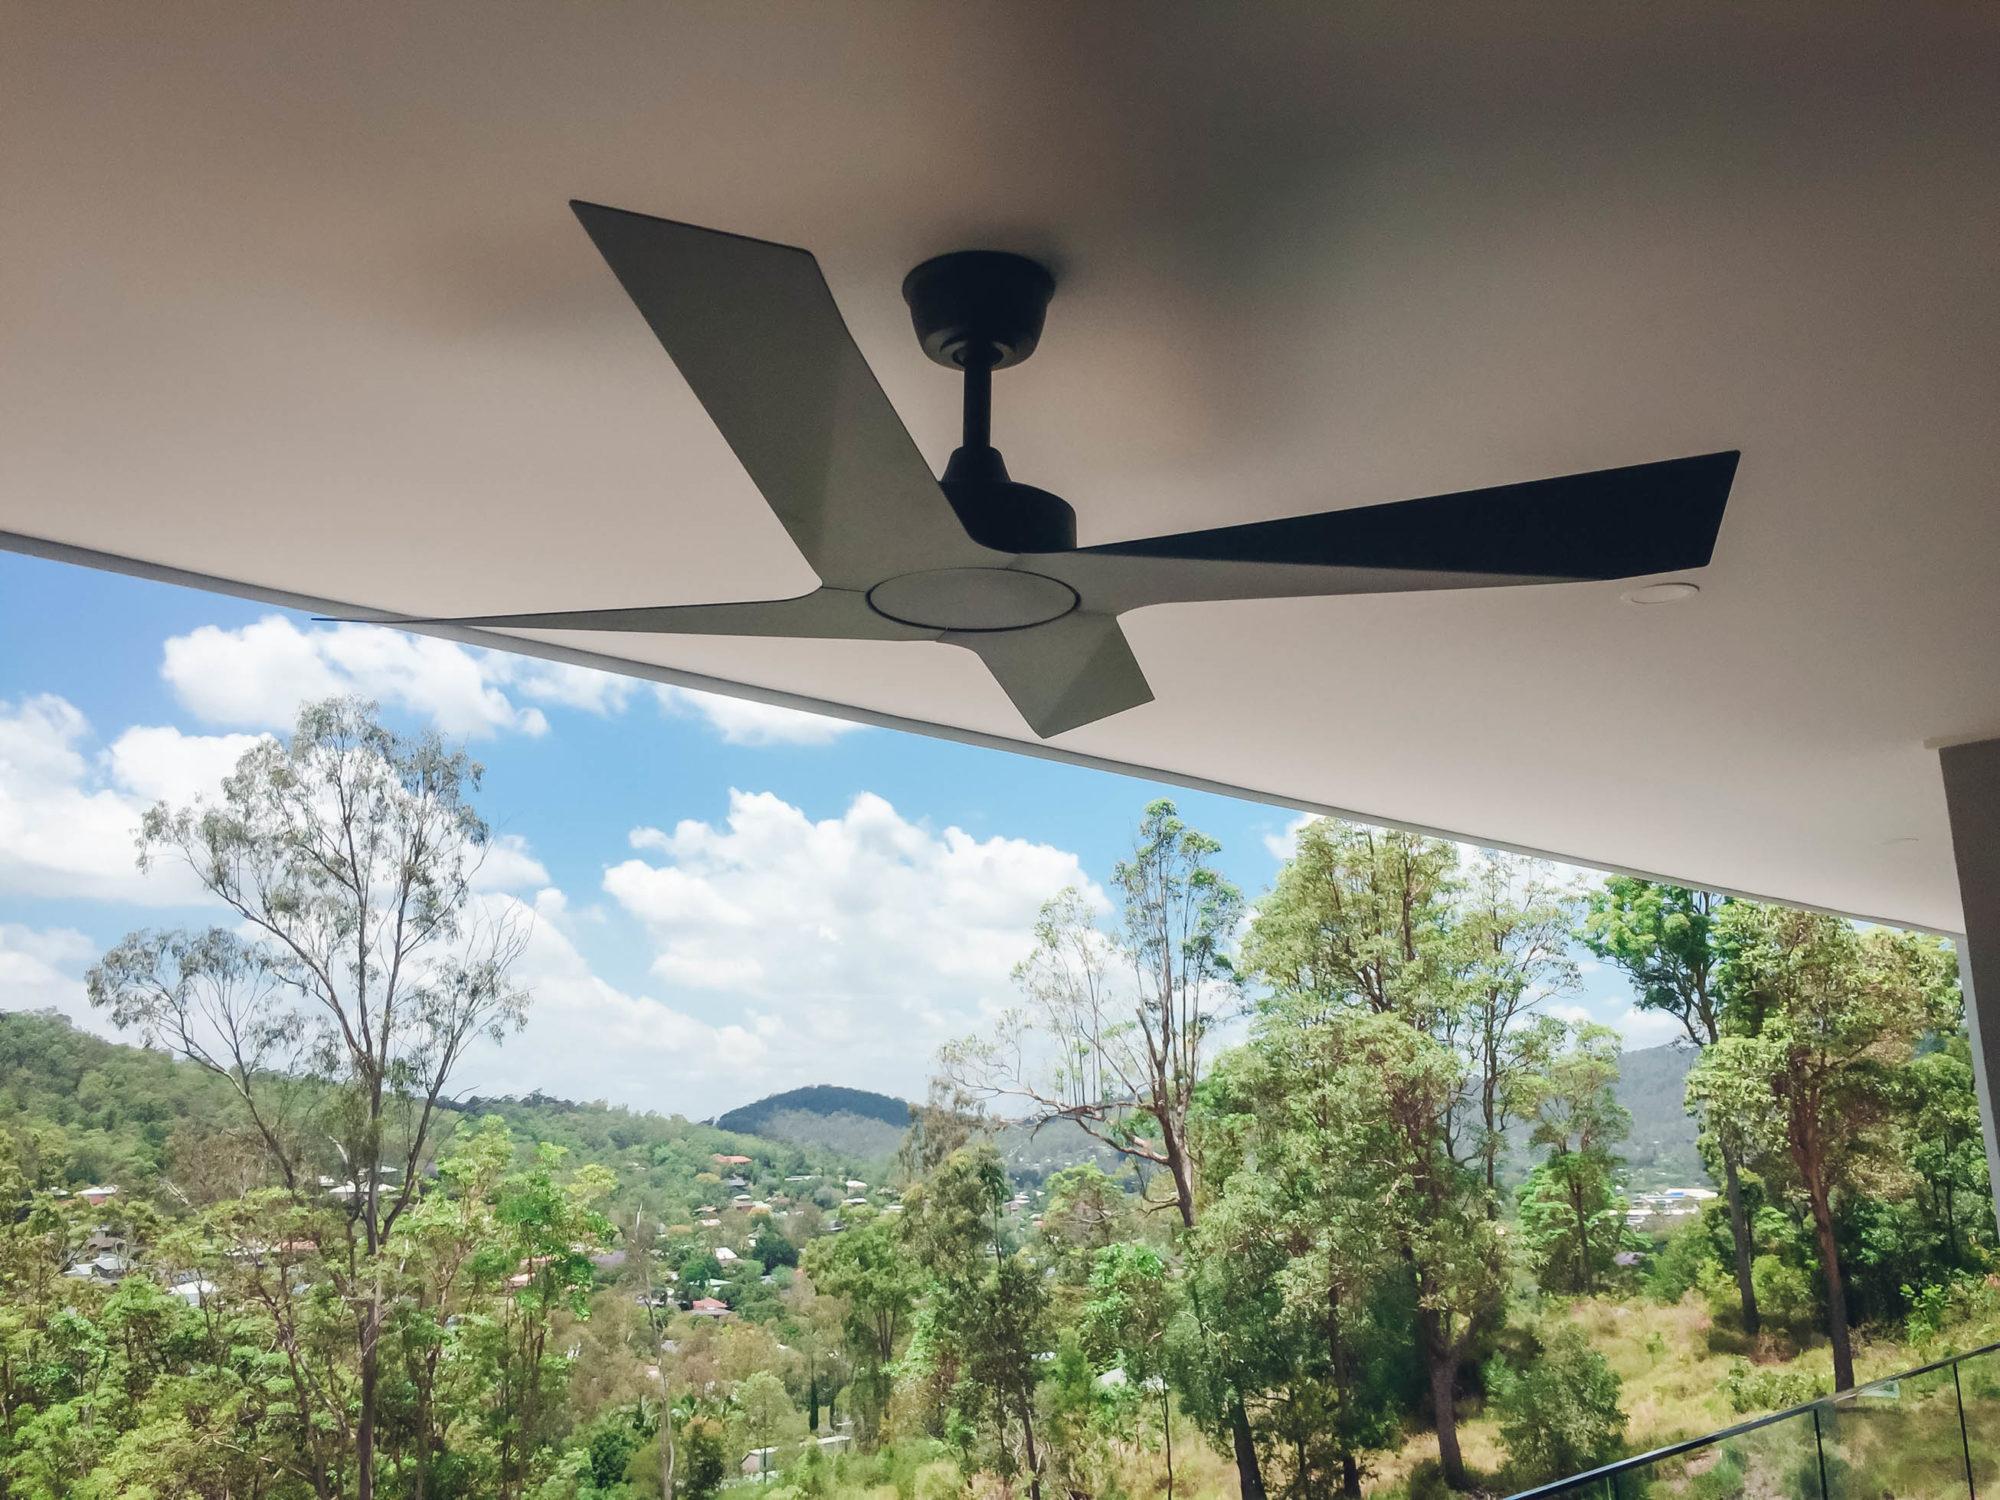 Modn 4 Ceiling Fan 13